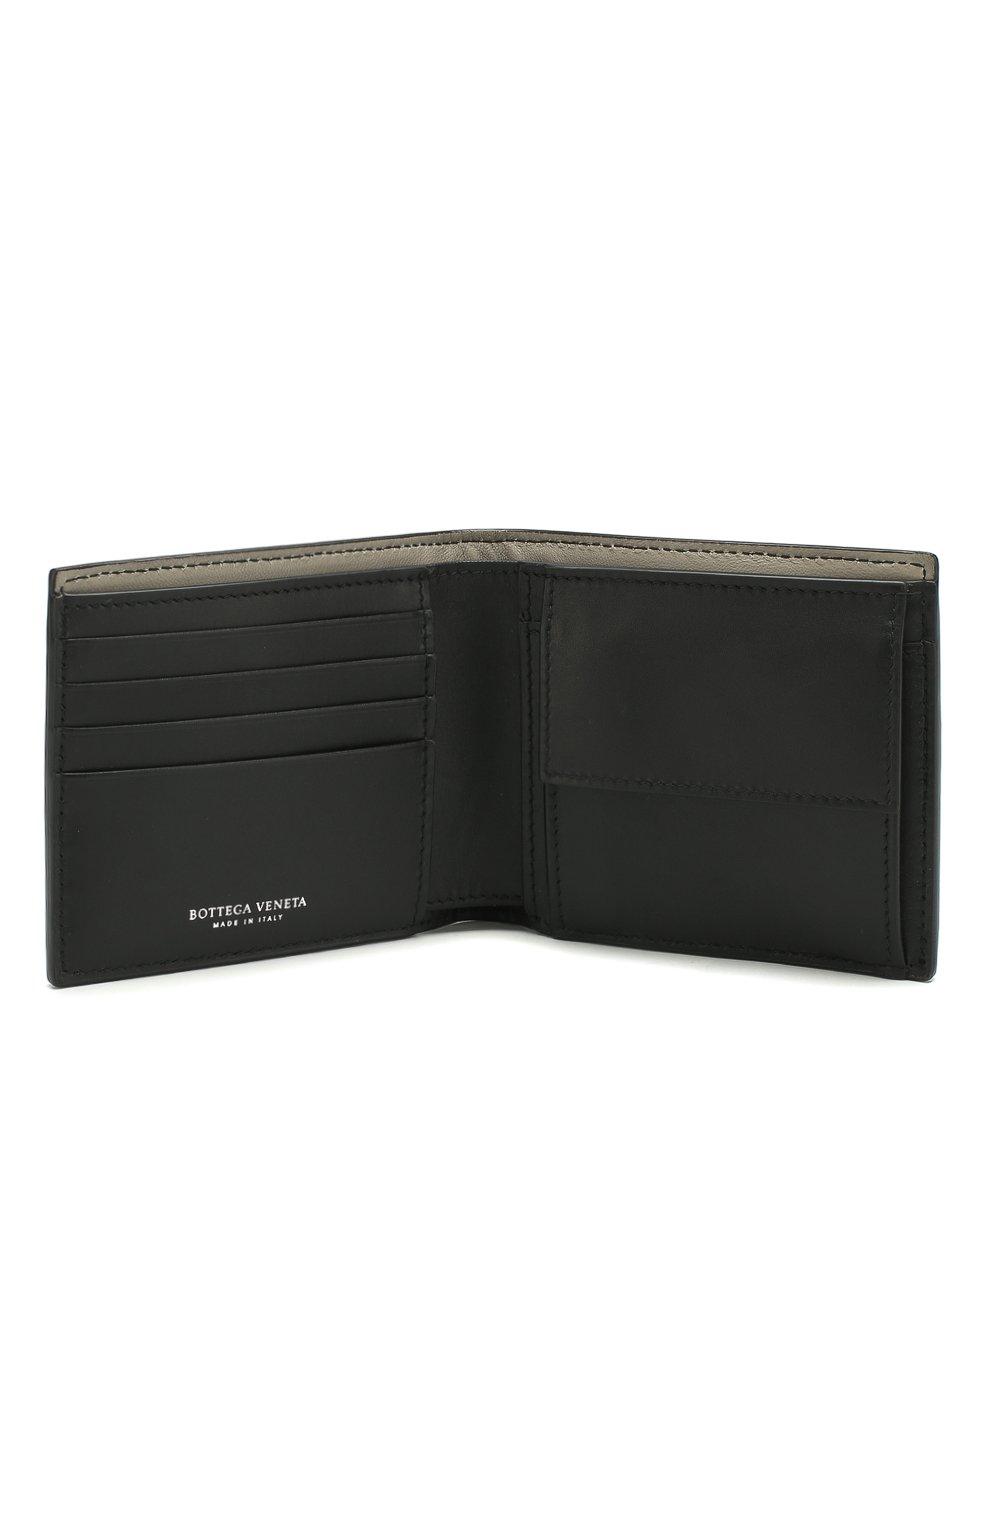 Мужские аксессуары Bottega Veneta по цене от 6 535 руб. купить в  интернет-магазине ЦУМ 58b34bb0750